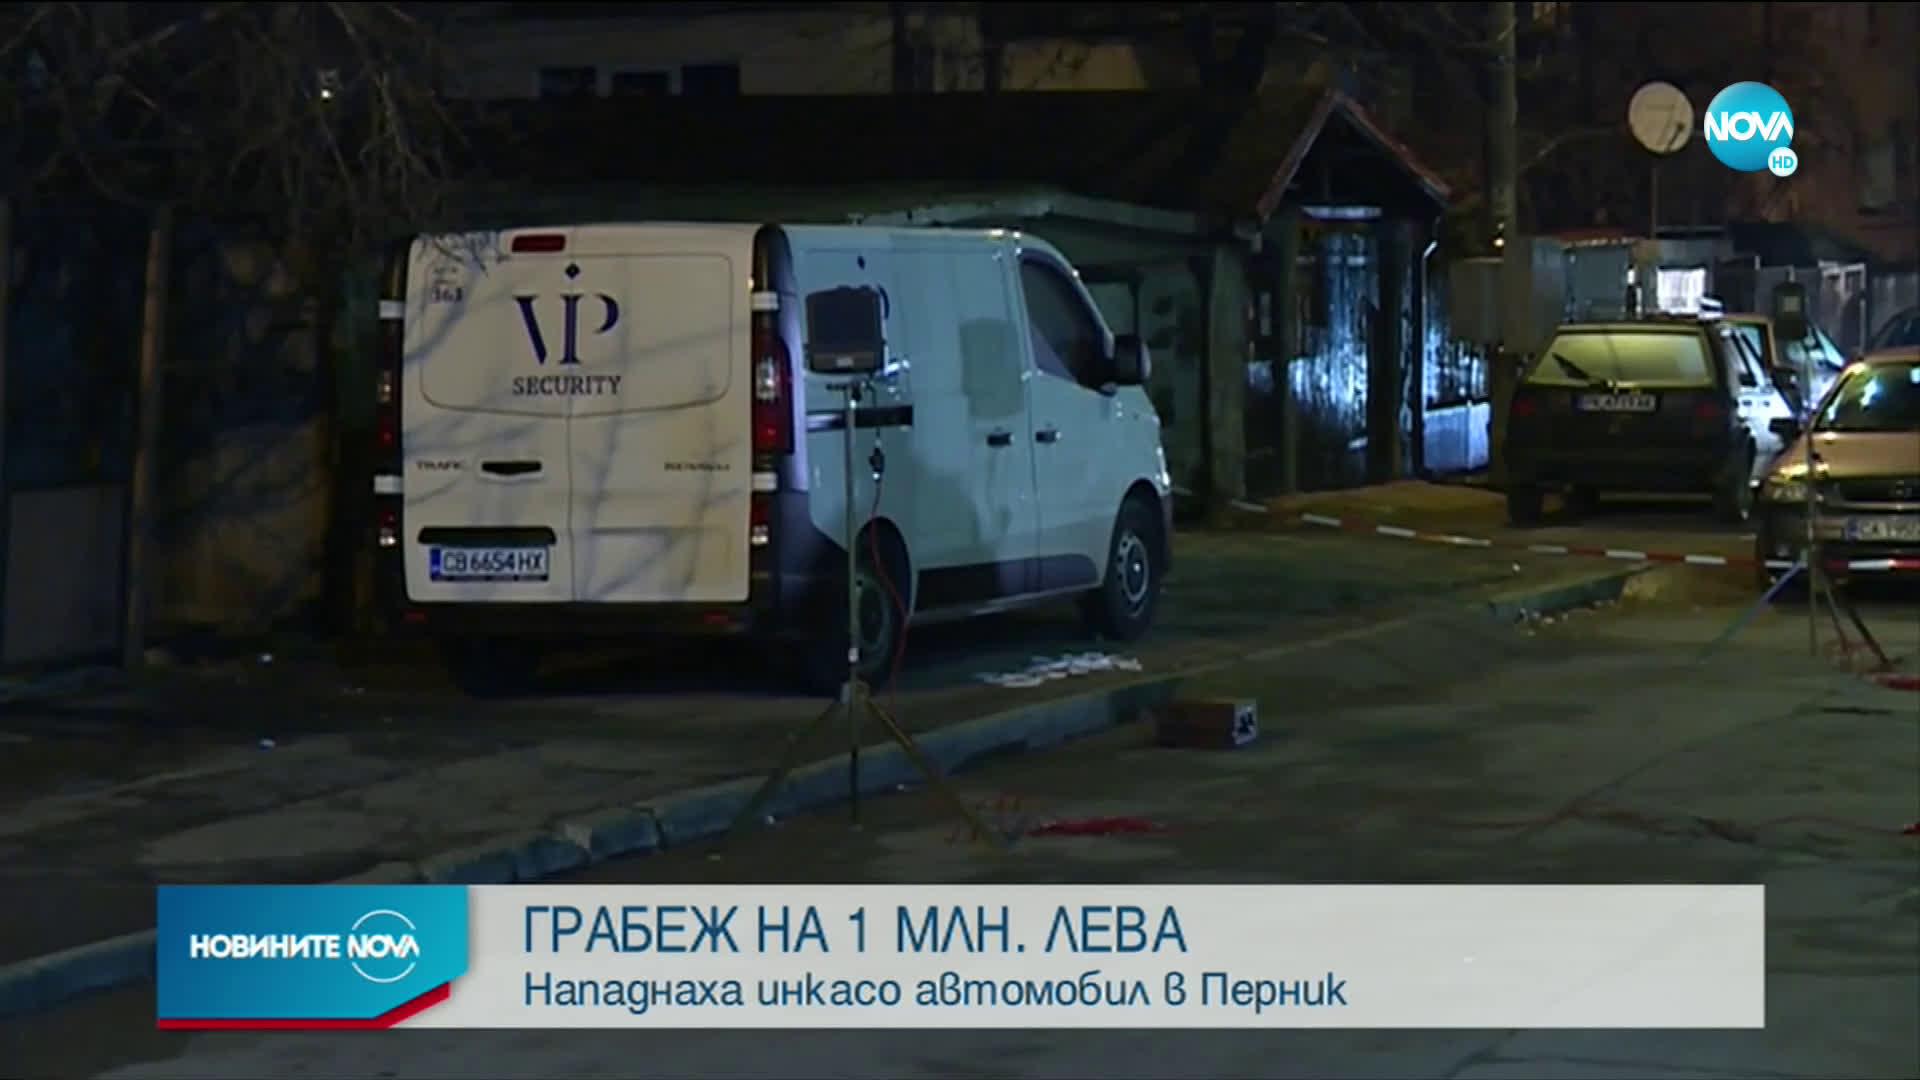 ВЪОРЪЖЕН ГРАБЕЖ: Откраднаха 1 млн. лева от инкасо автомобил в Перник